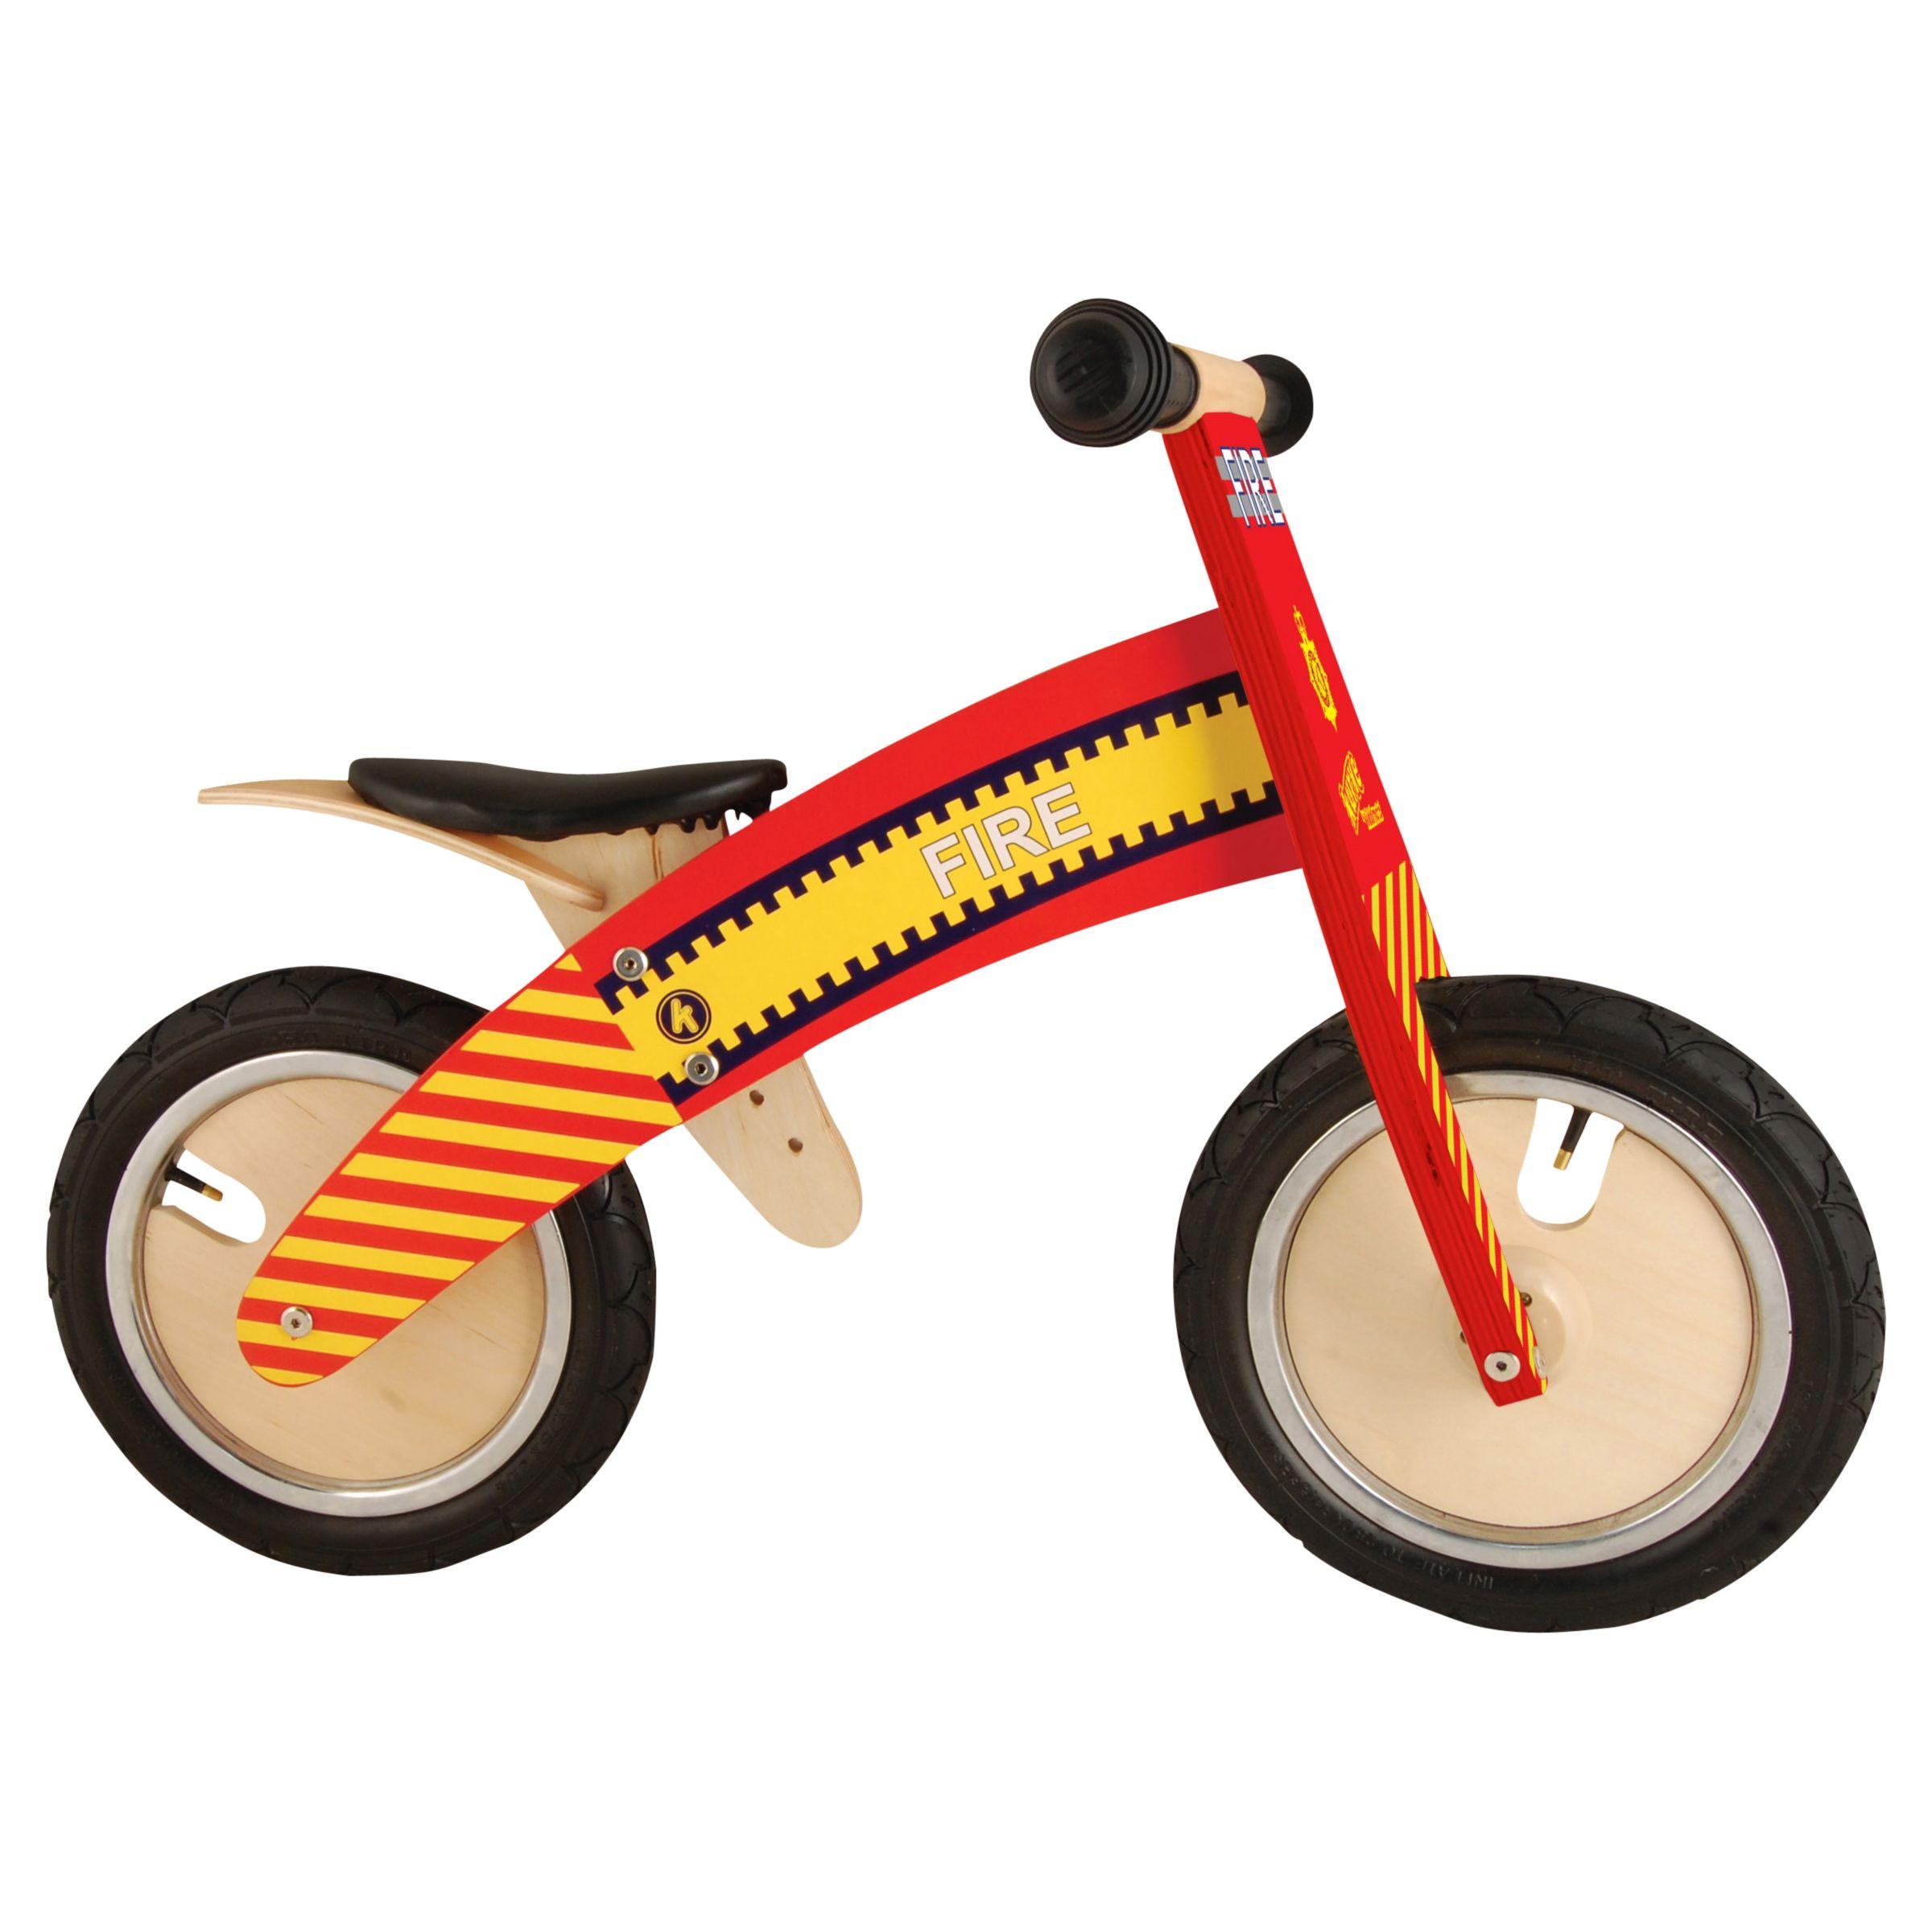 Kiddimoto Kiddimoto Kurve Balance Bike, Fire